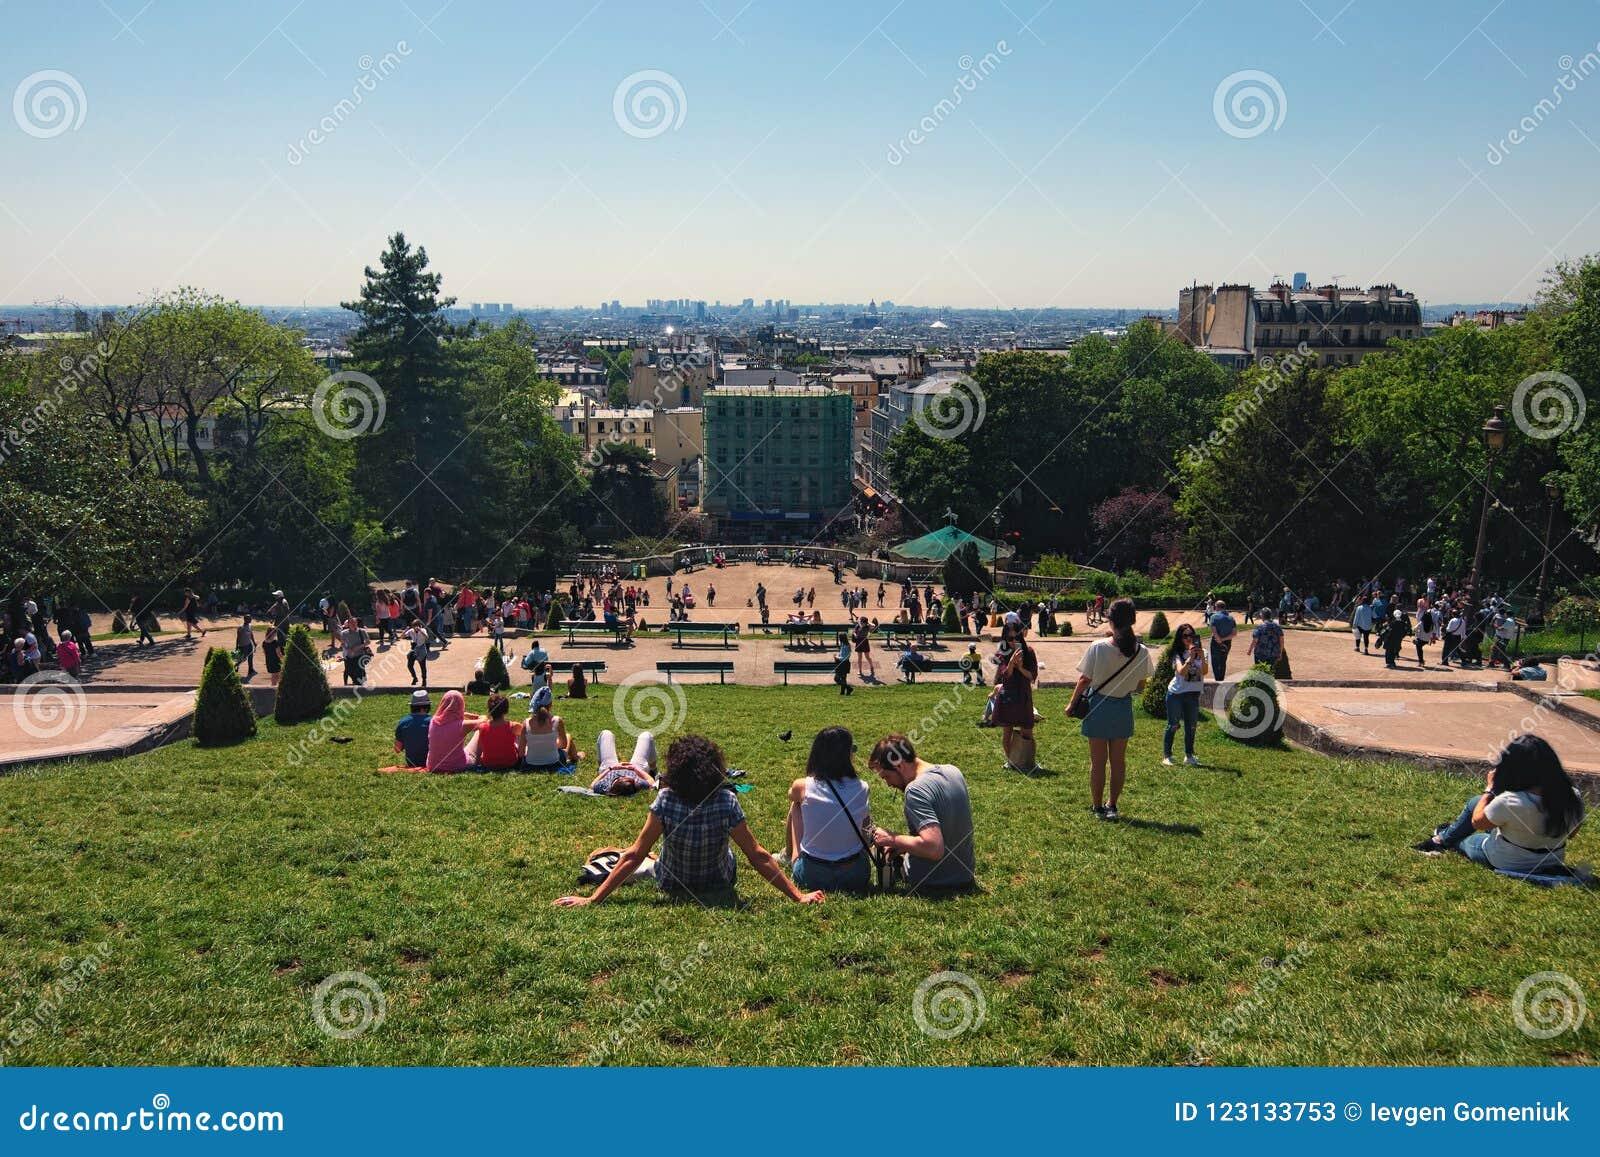 Widok od Montmartre wzgórza zielony gazon przed Sacre Coeur kościół z turystami relaksuje i cieszy się